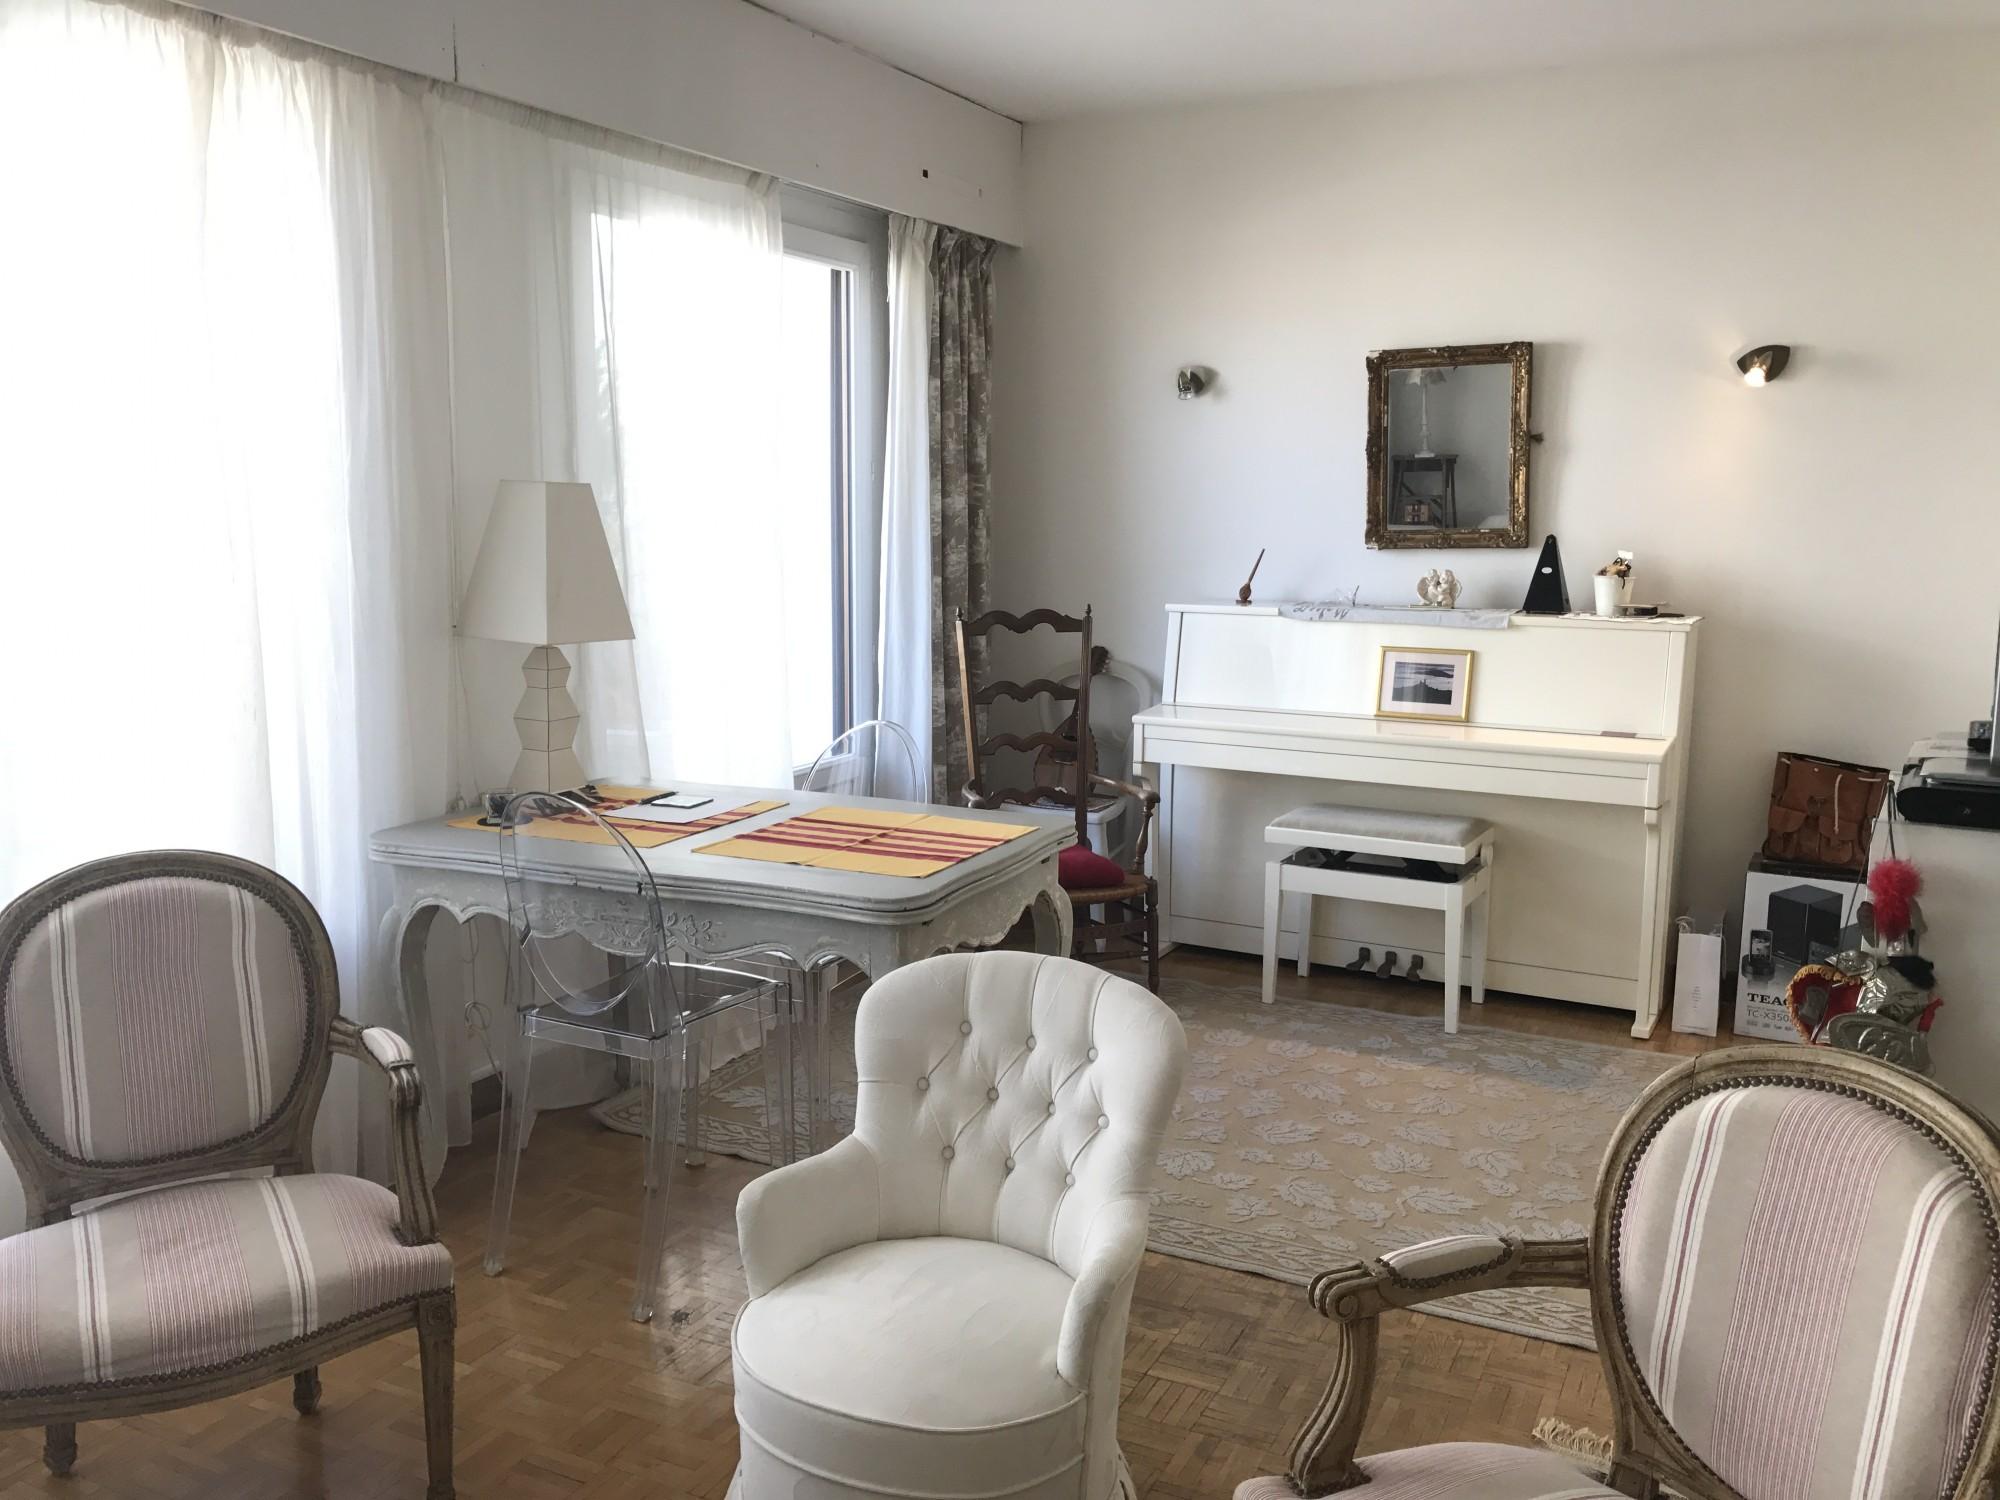 Vente Appartement T3 - 13007 - Quartier St Victor  - Dernier étage, terrasse, double vitrage, ascenseur, cuisine équipée